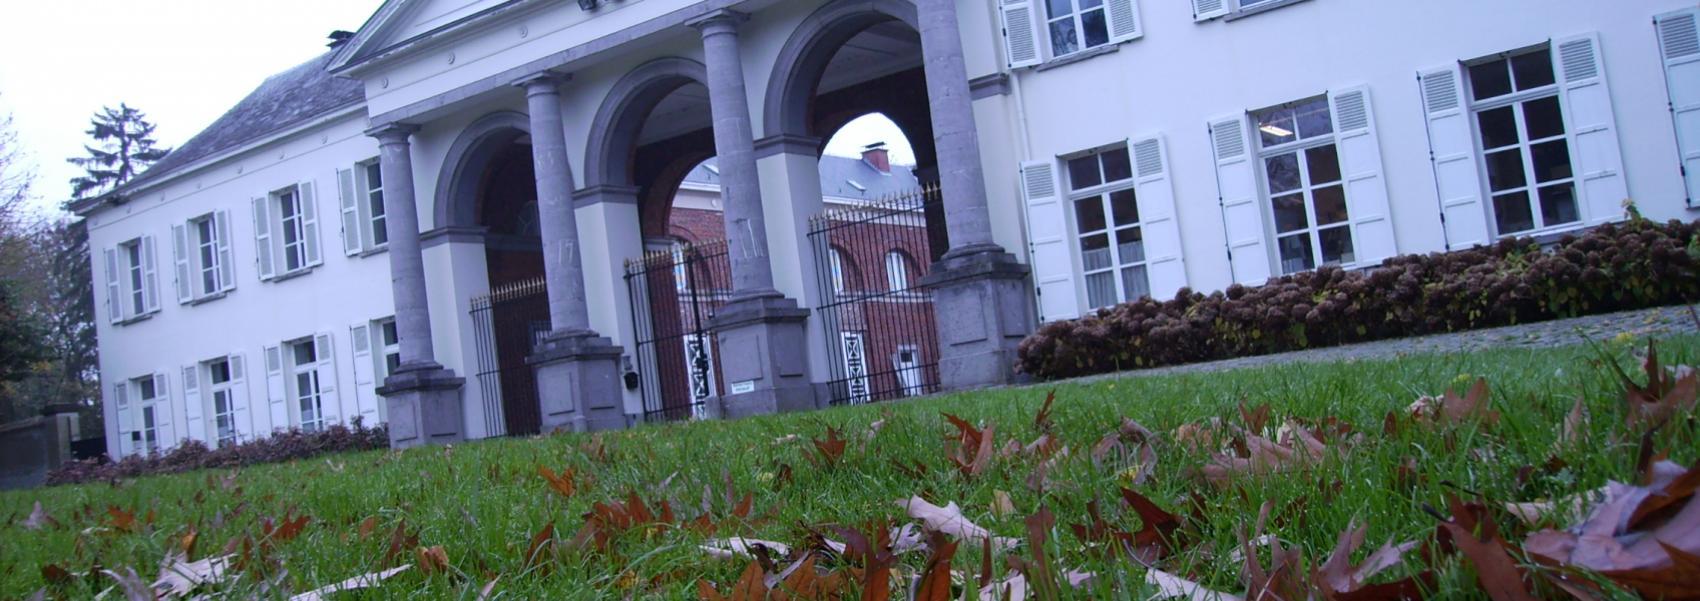 zicht op het neoclassicistisch kasteel